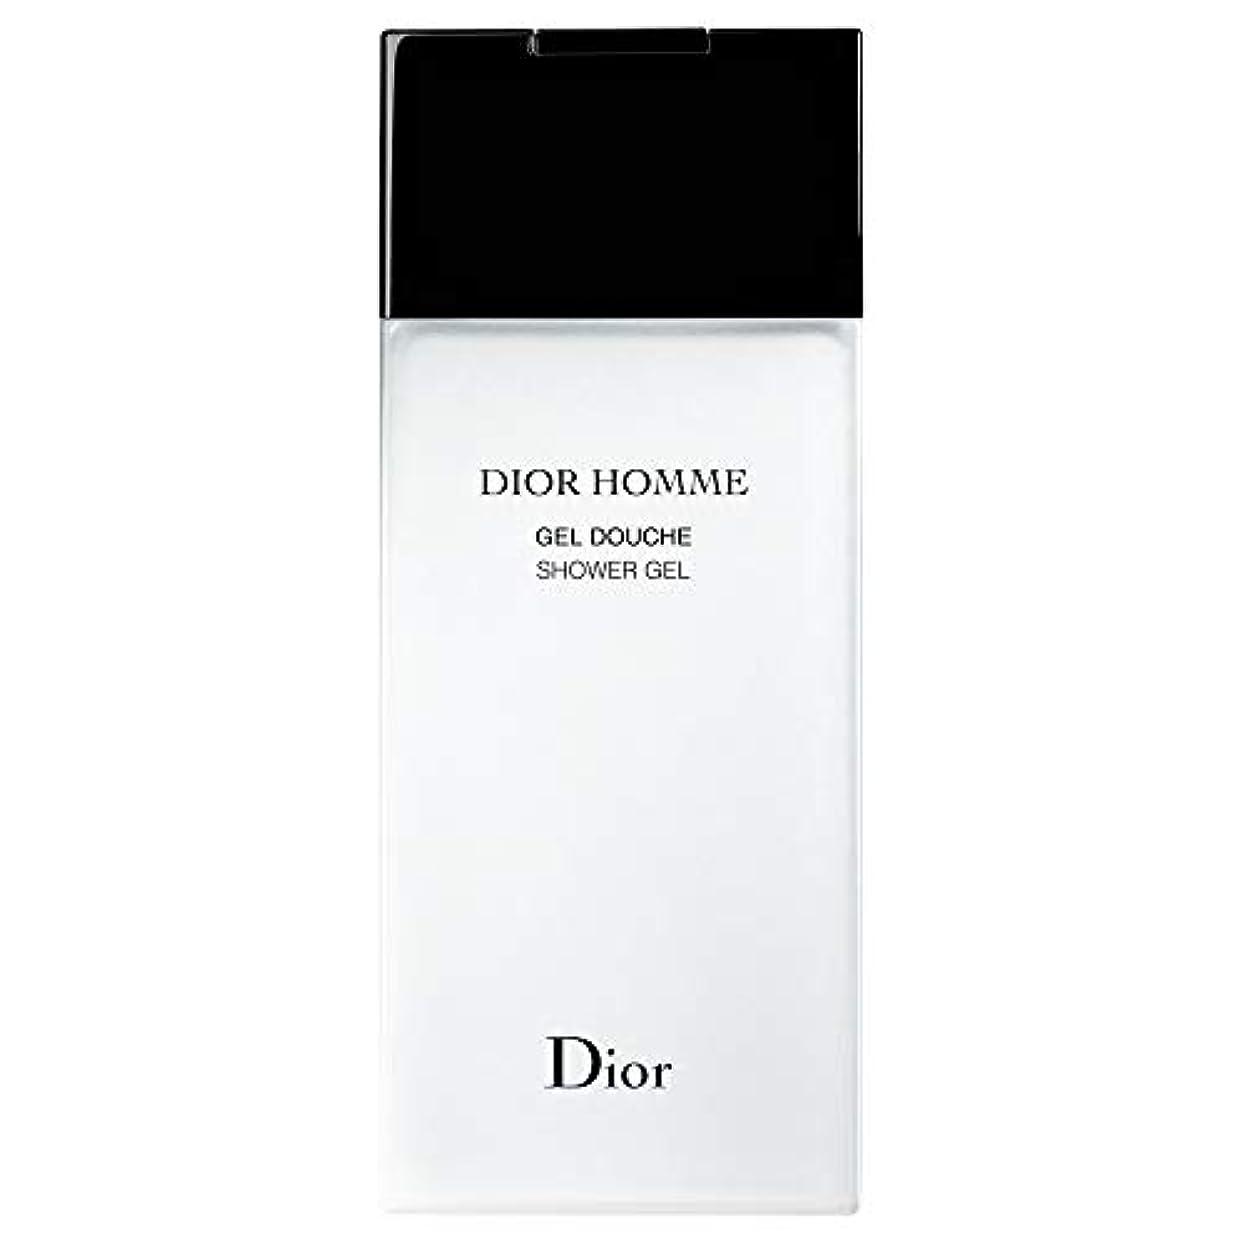 執着終点可能[Dior] ディオールオムシャワージェル200Ml - Dior Homme Shower Gel 200ml [並行輸入品]